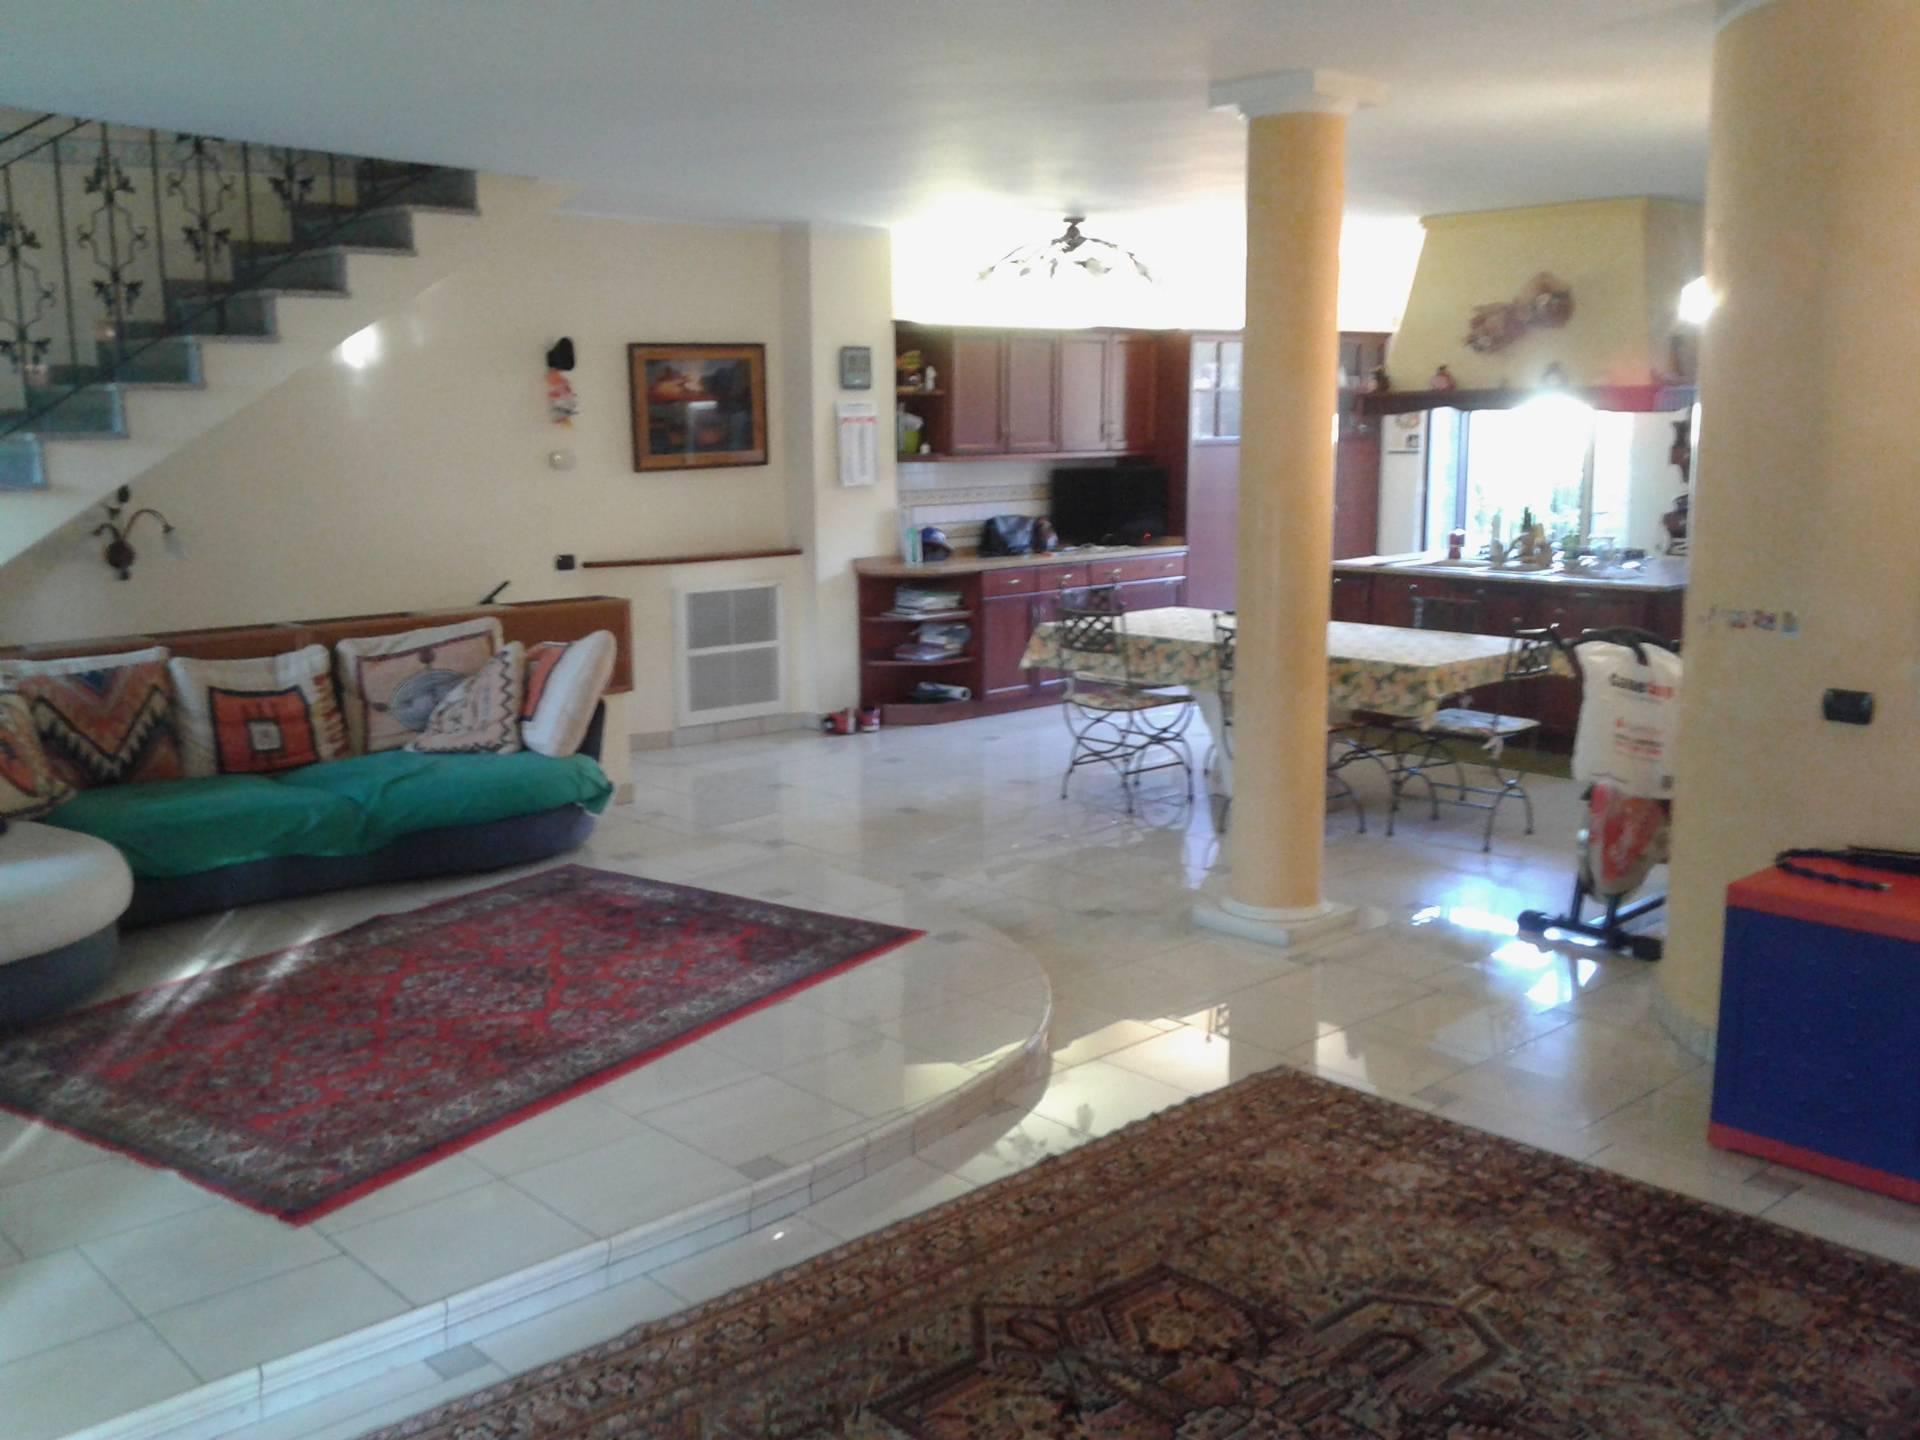 Villa in vendita a Cerro Maggiore, 6 locali, zona Zona: Cantalupo, prezzo € 275.000 | CambioCasa.it